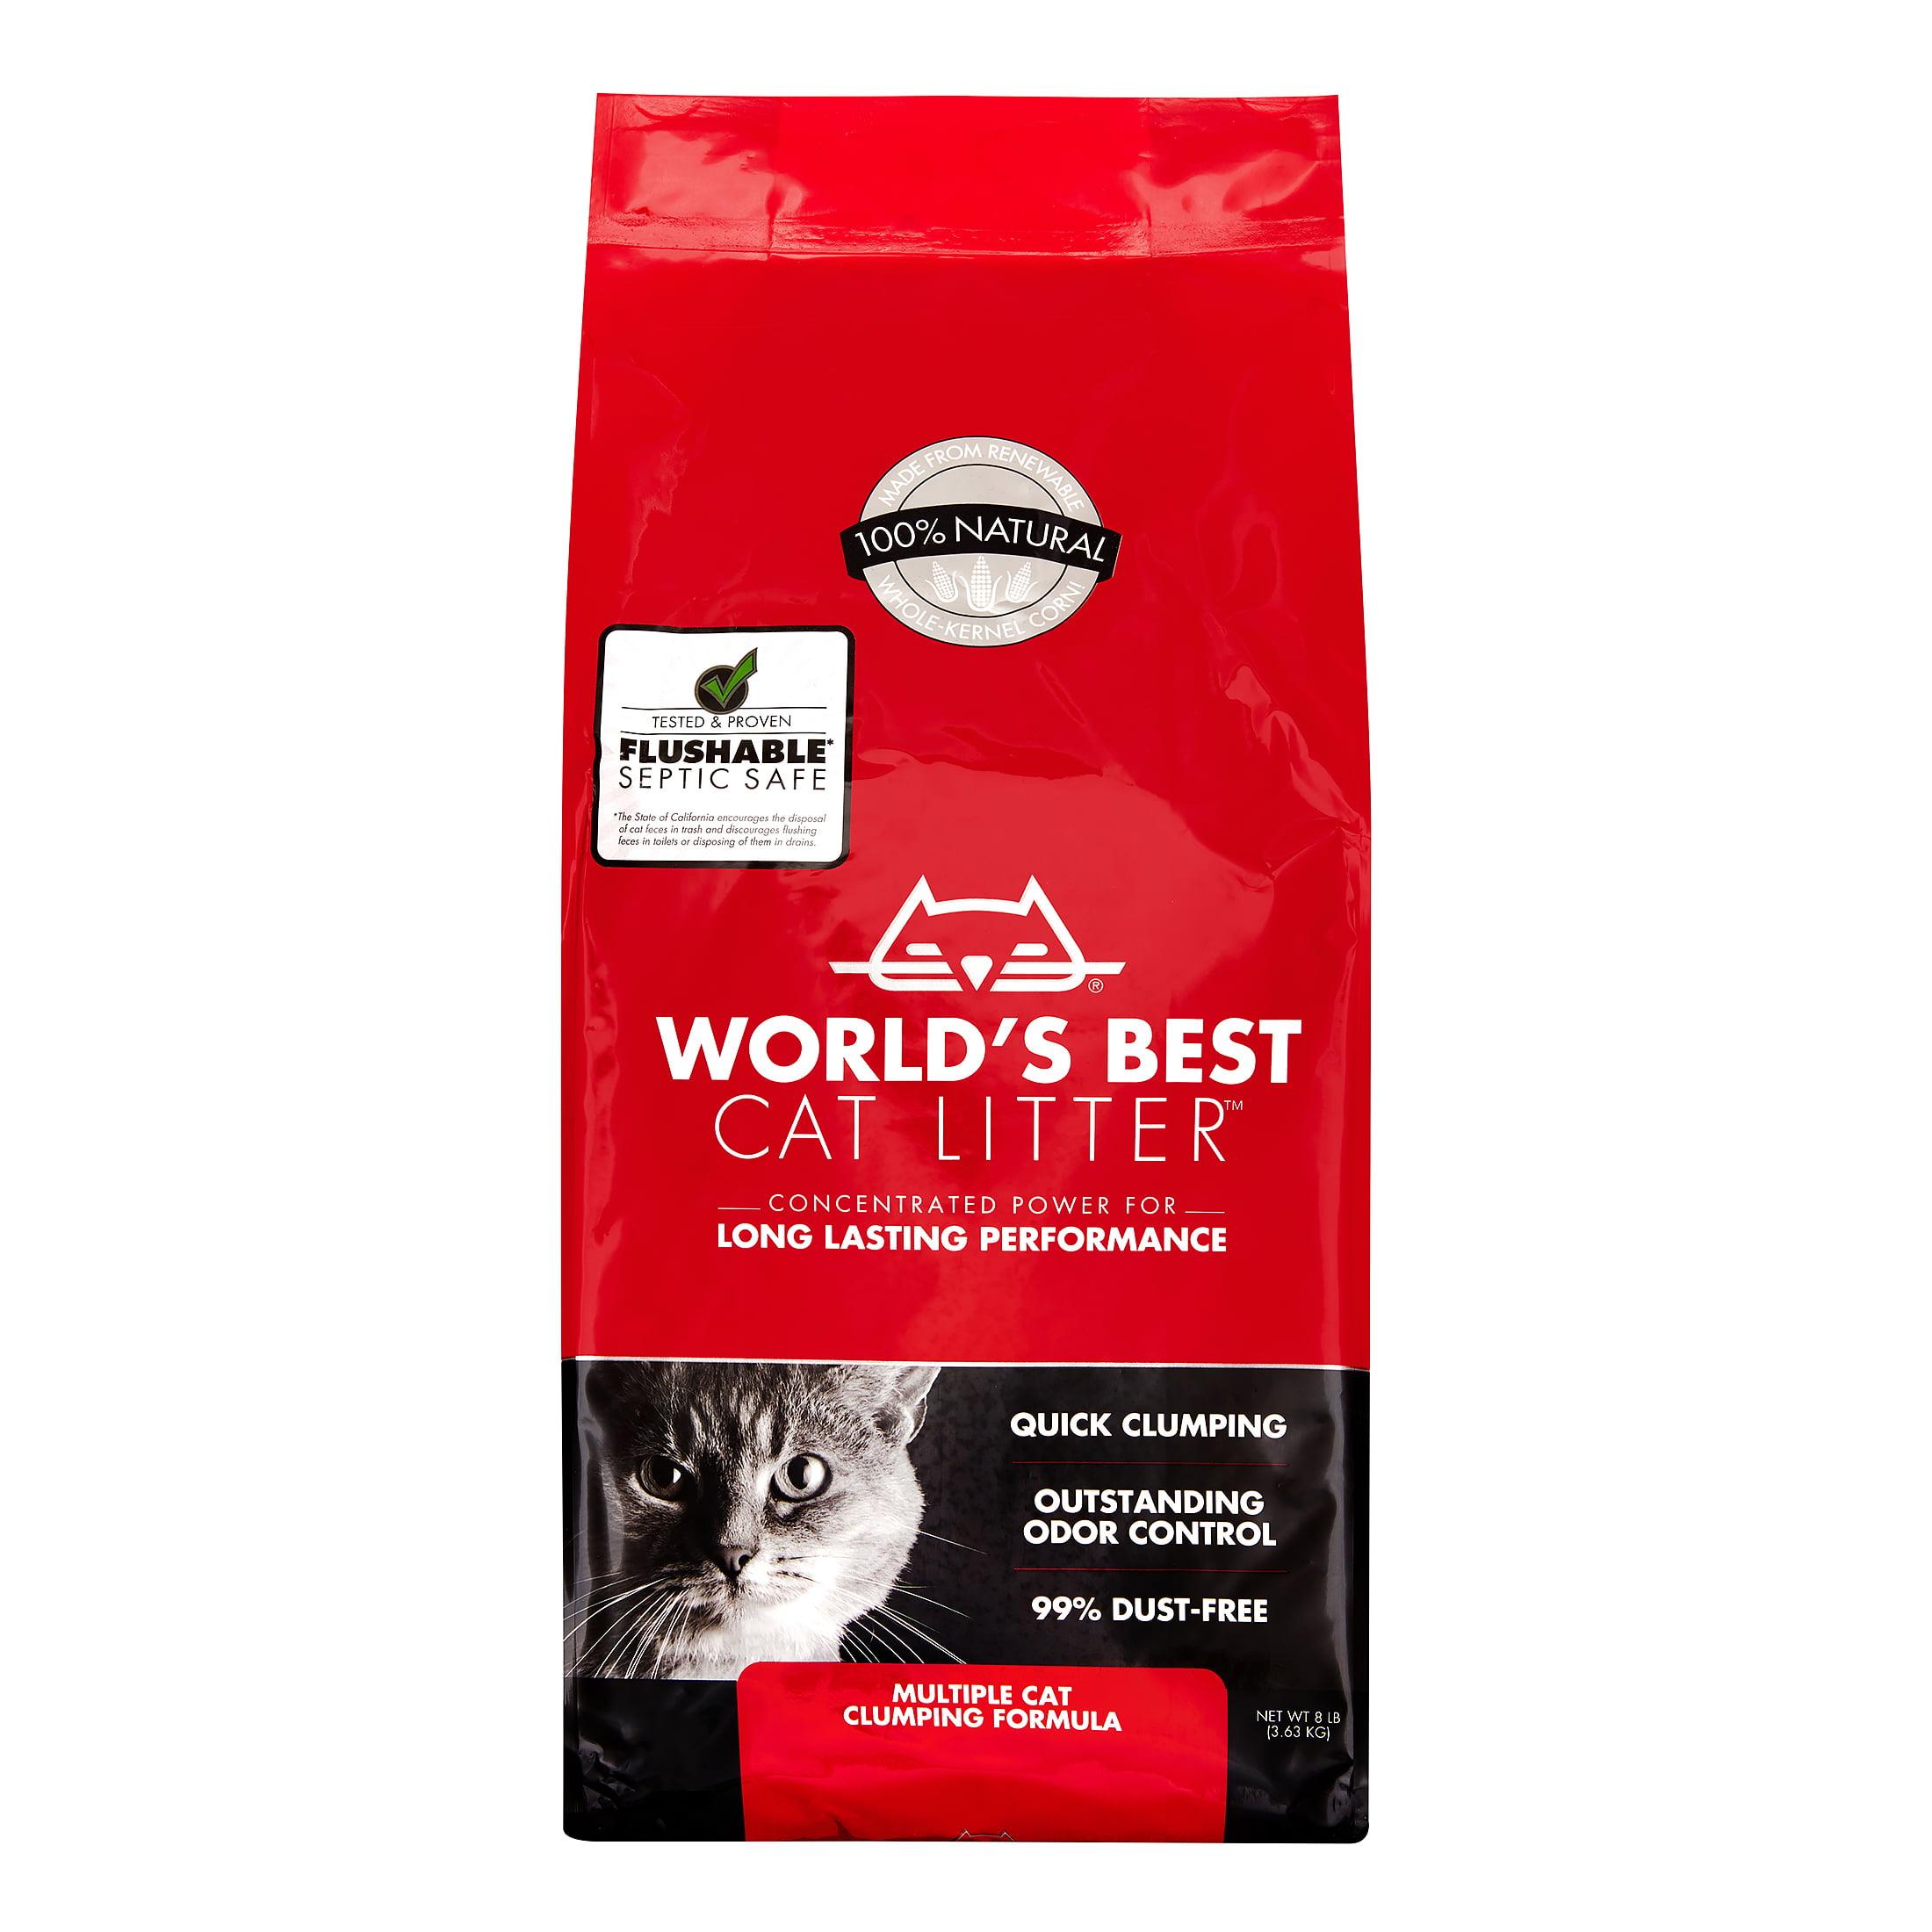 World's Best Cat Litter Multi-Cat Clumping Cat Litter Formula, 8 Lb.